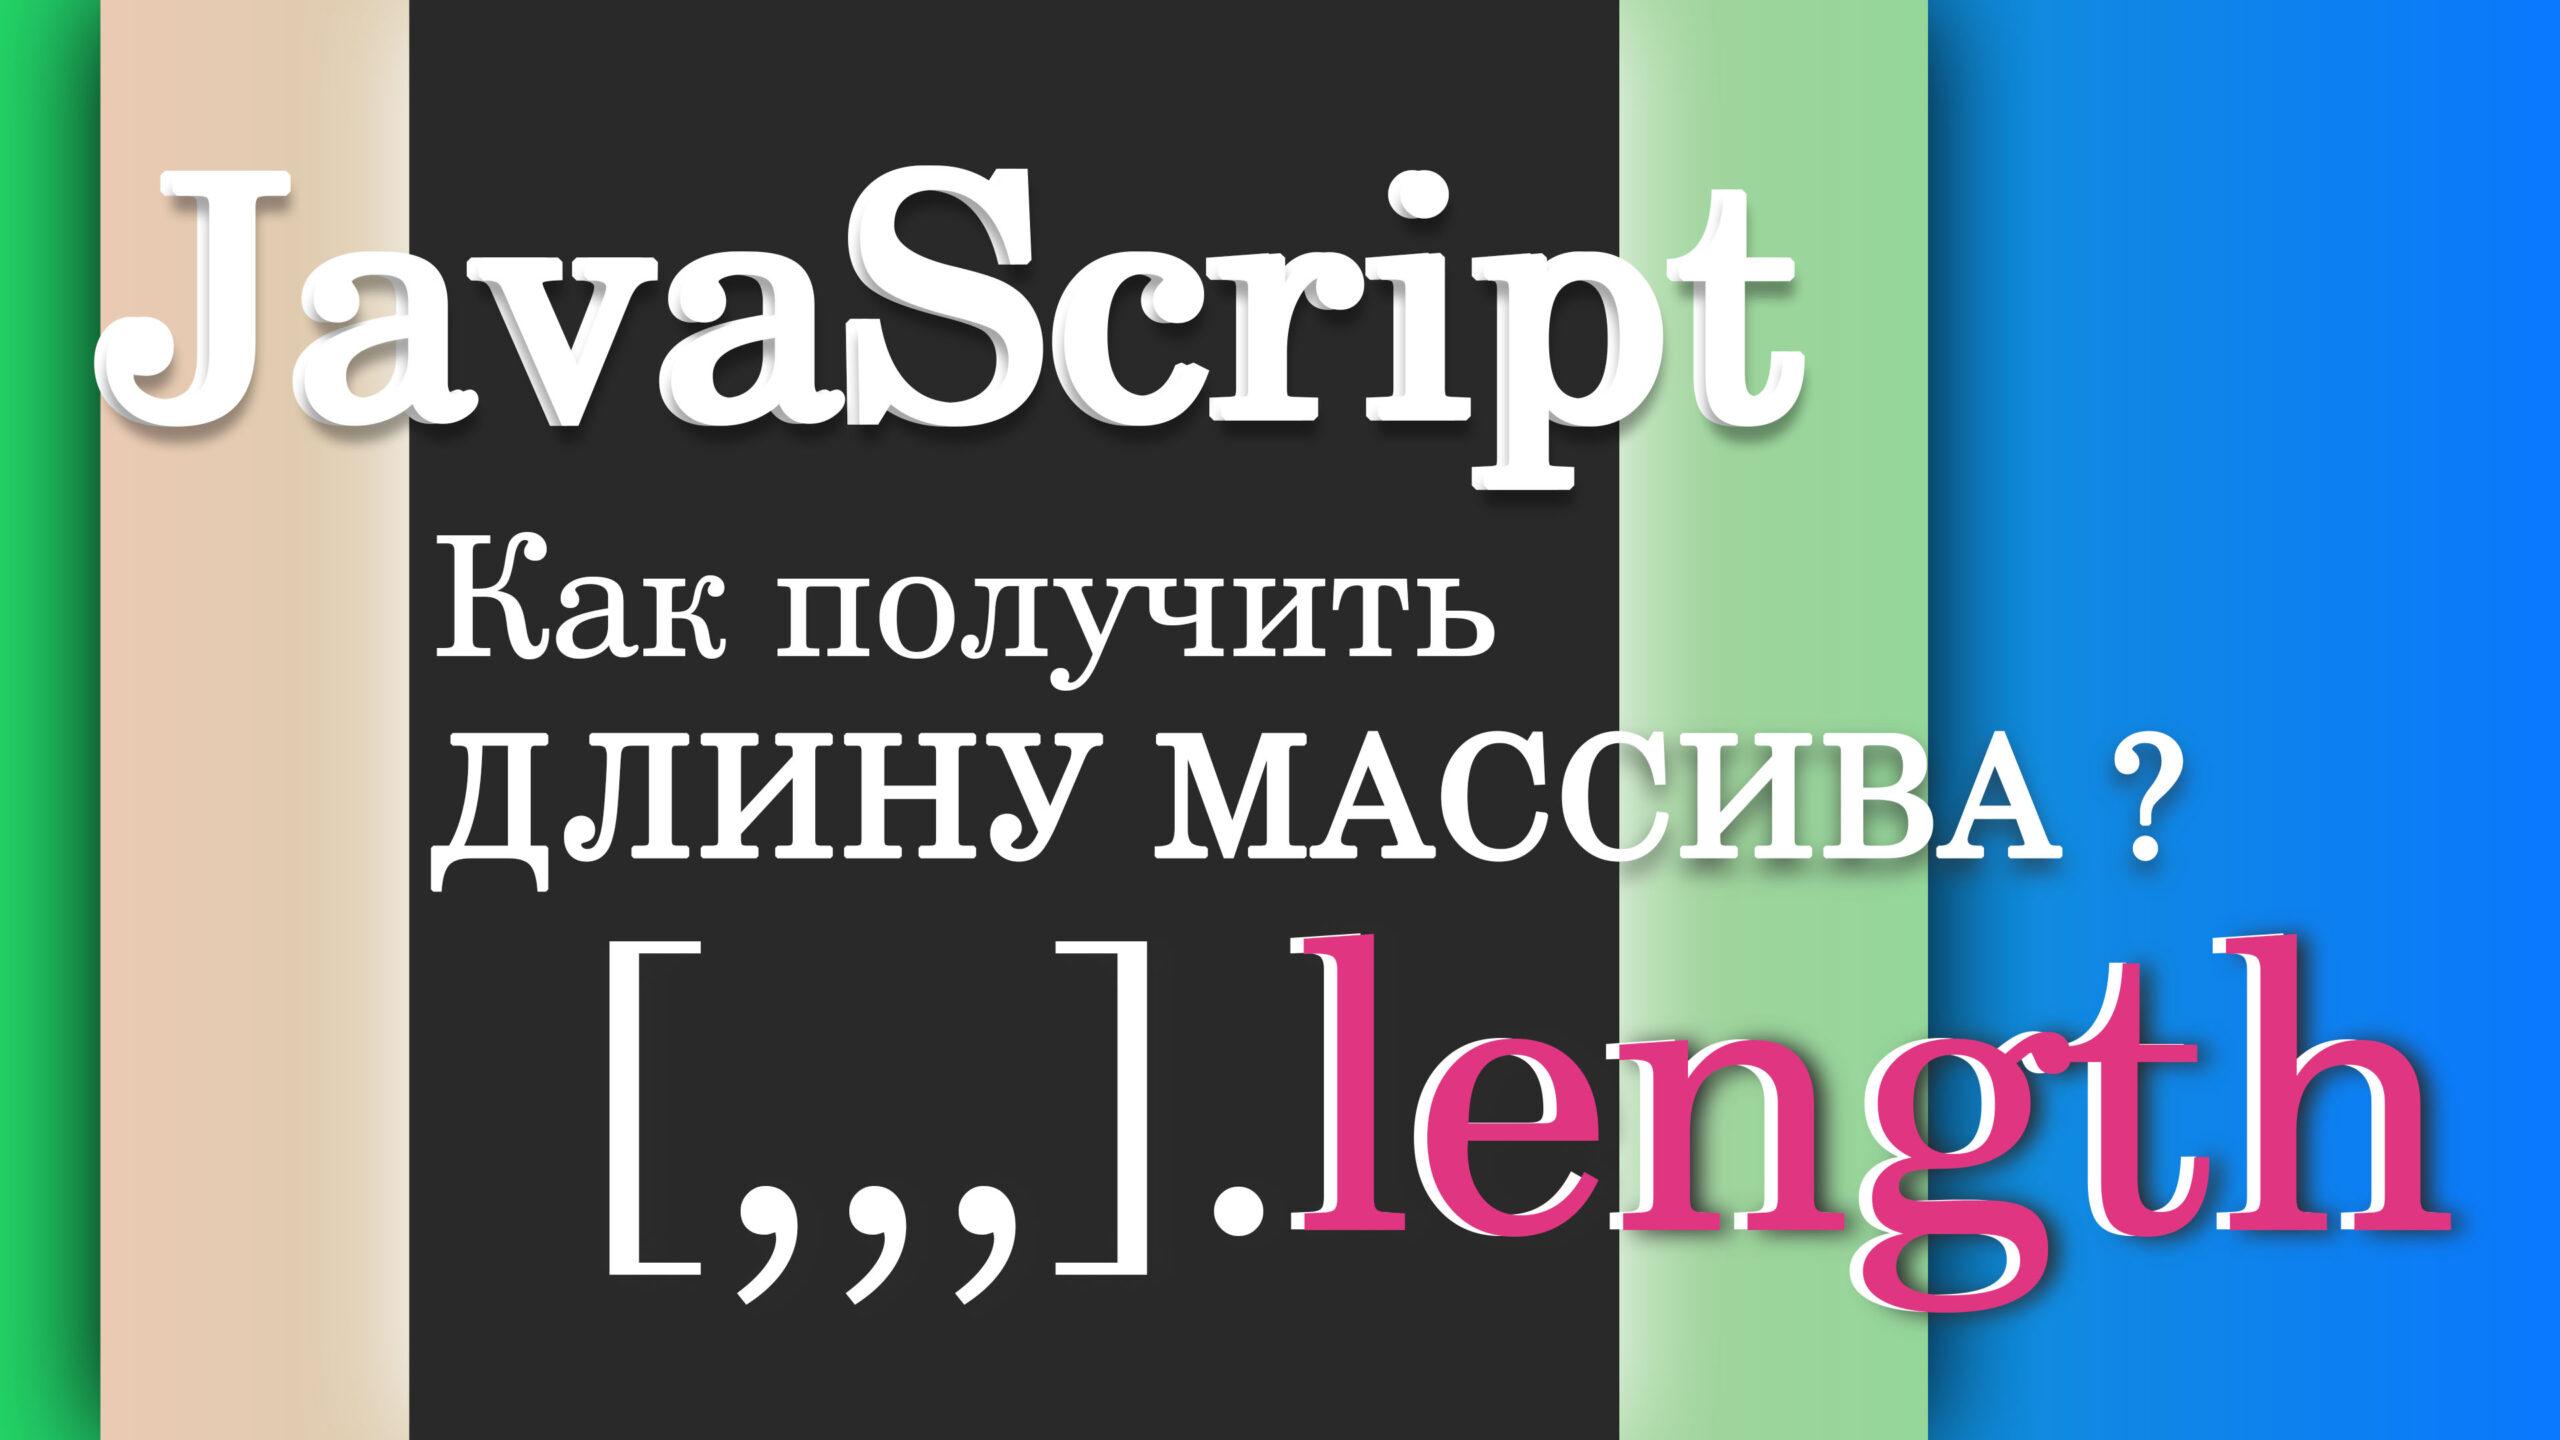 Как получить длину массива - JavaScript